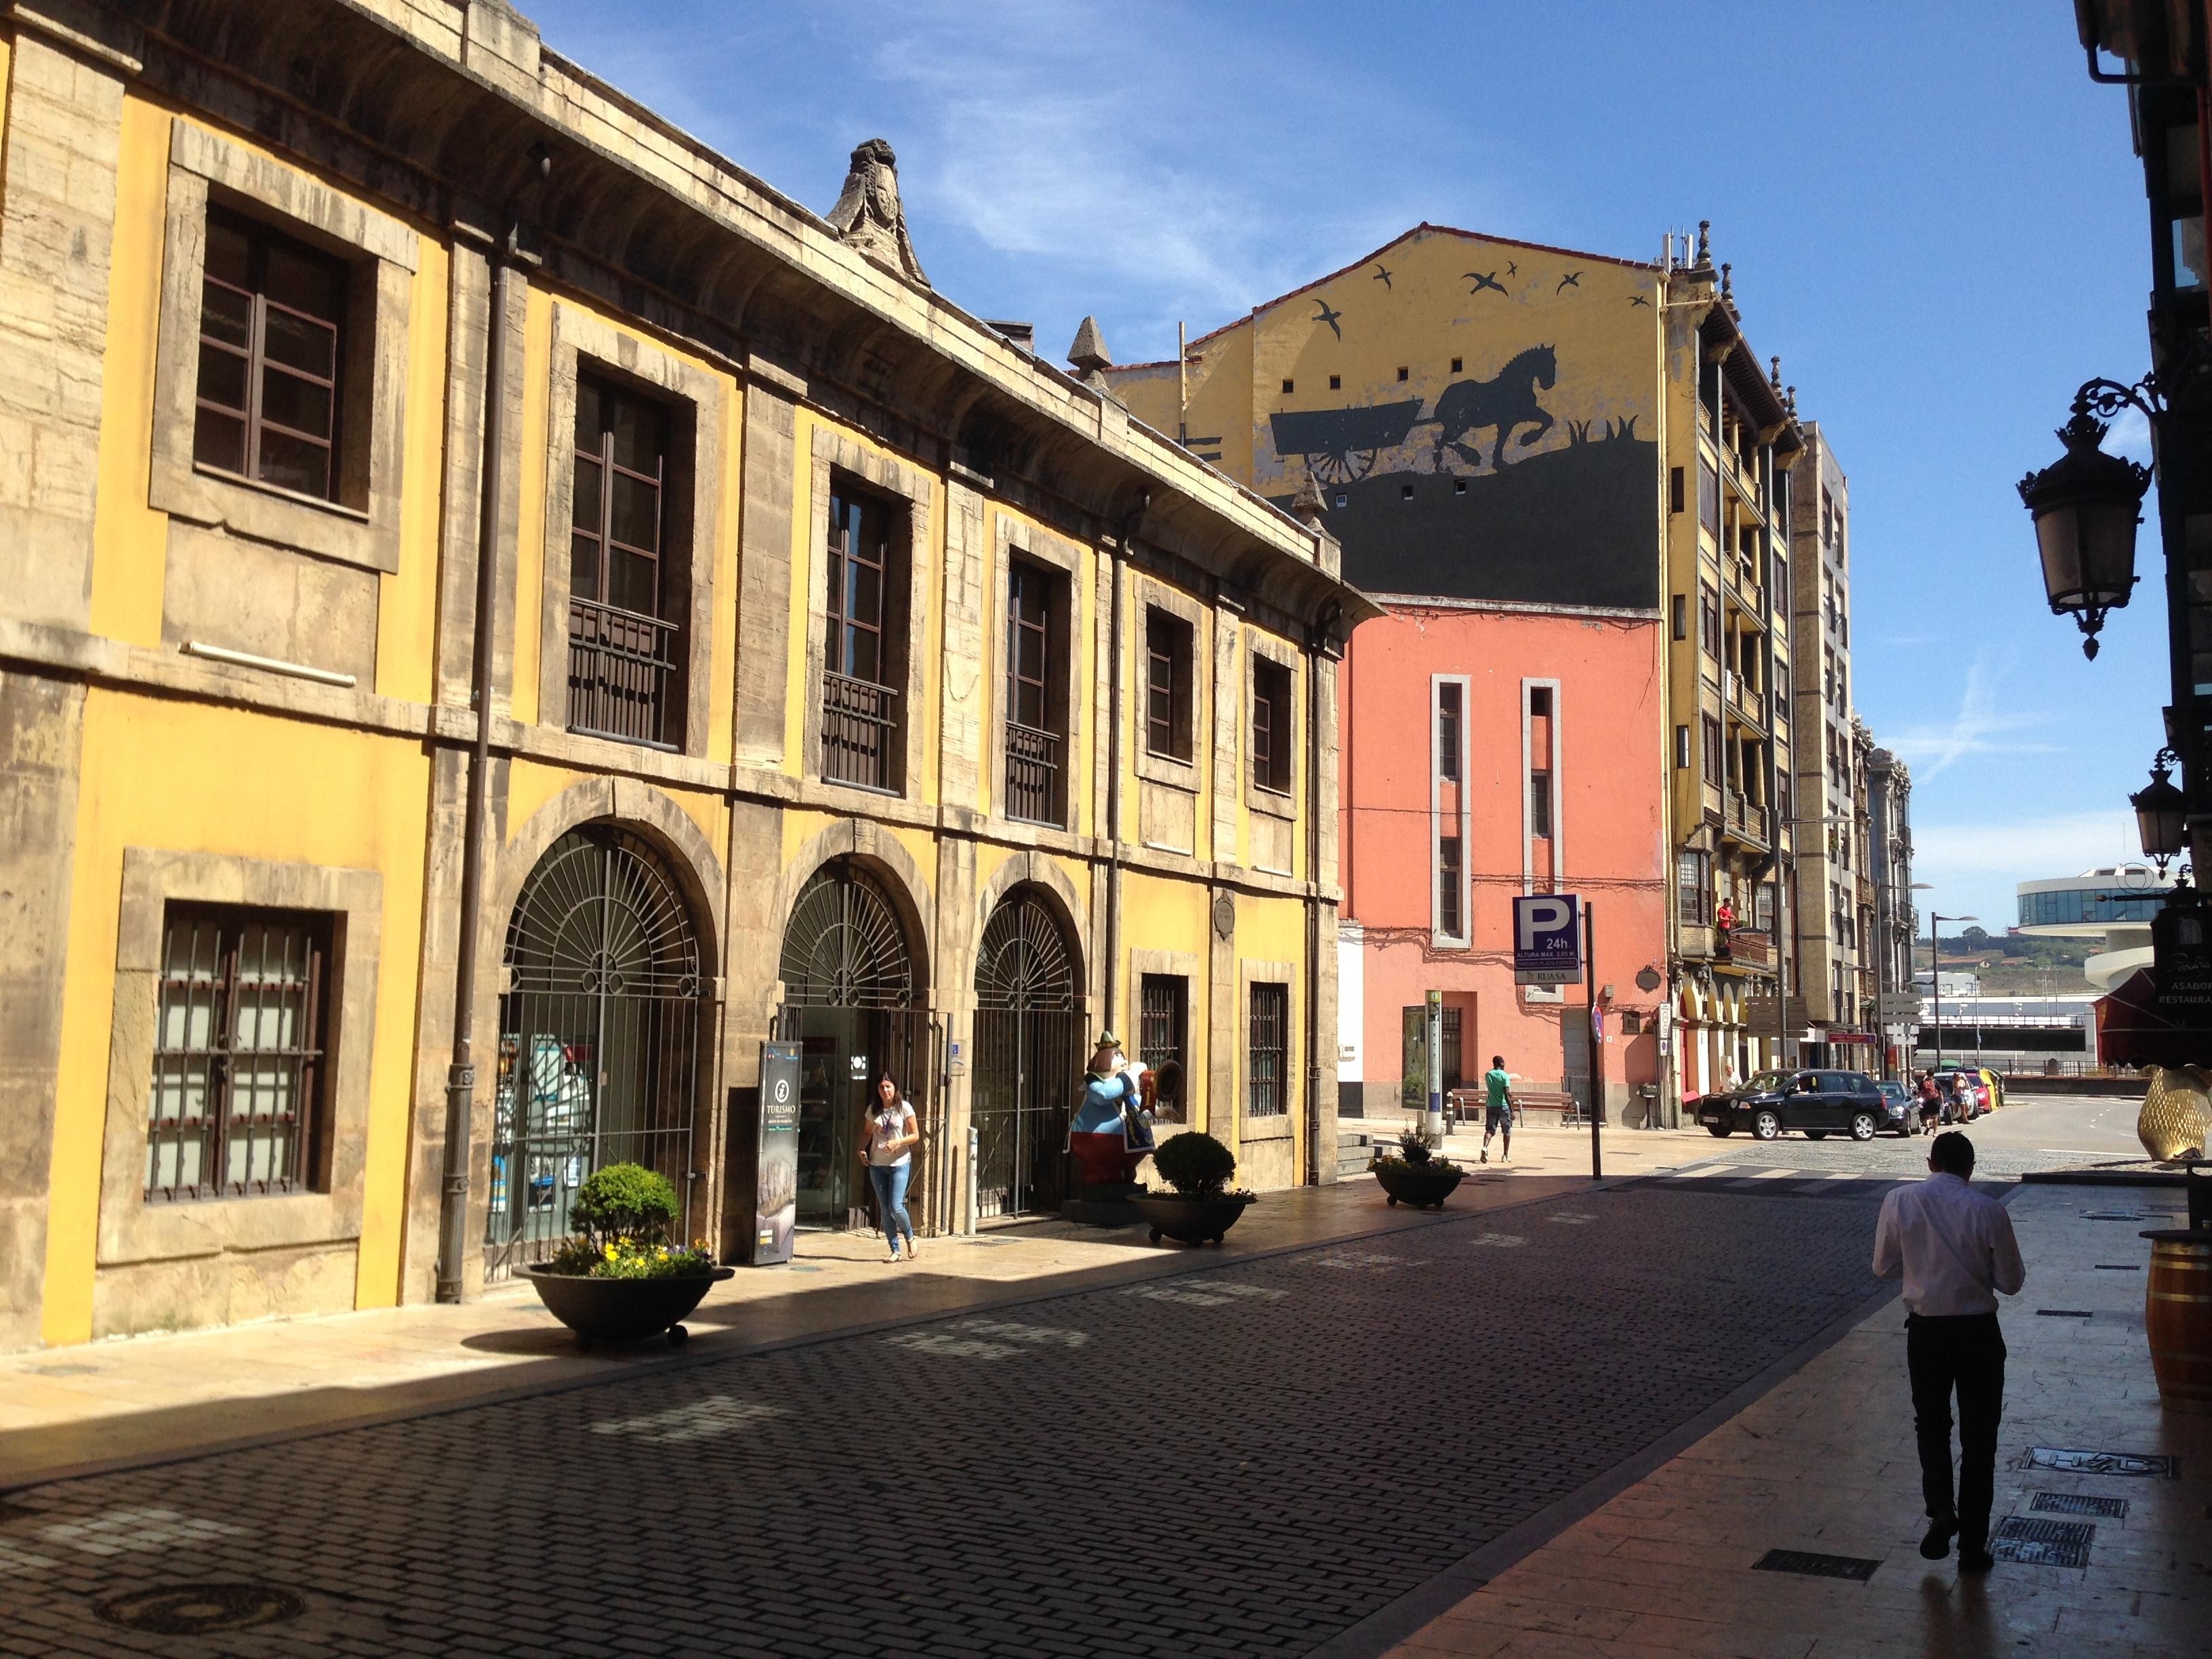 2015 agosto 09 los episodios avilesinos for Oficina turismo asturias